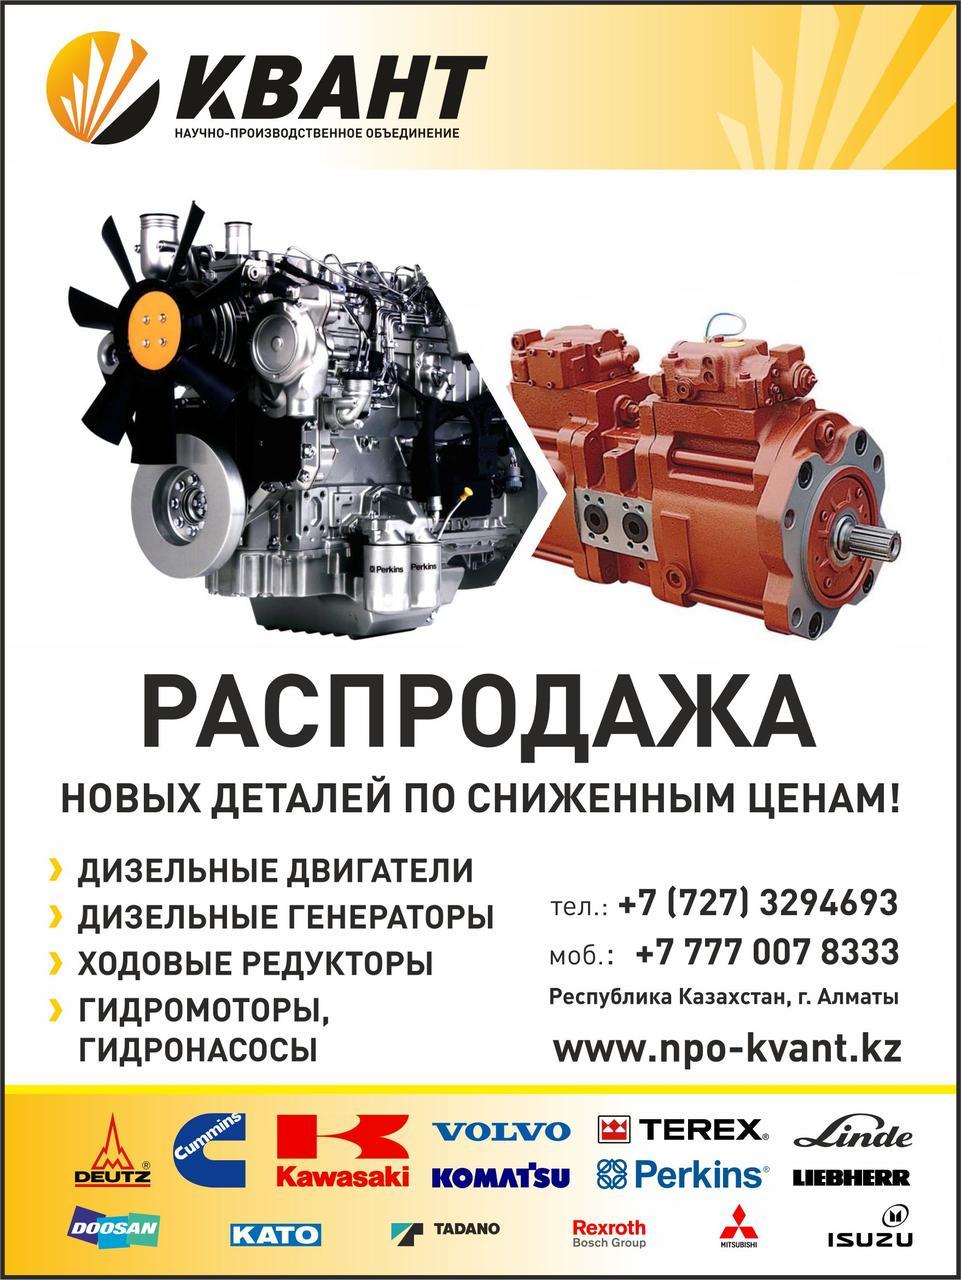 Двигатель Mitsubishi S6B3-Y3MPTAW-2, Mitsubishi S6B3-Y2MPTK, Mitsubishi S6A3-Y3MPTK, Mitsubishi S6A3-Y2MPTK